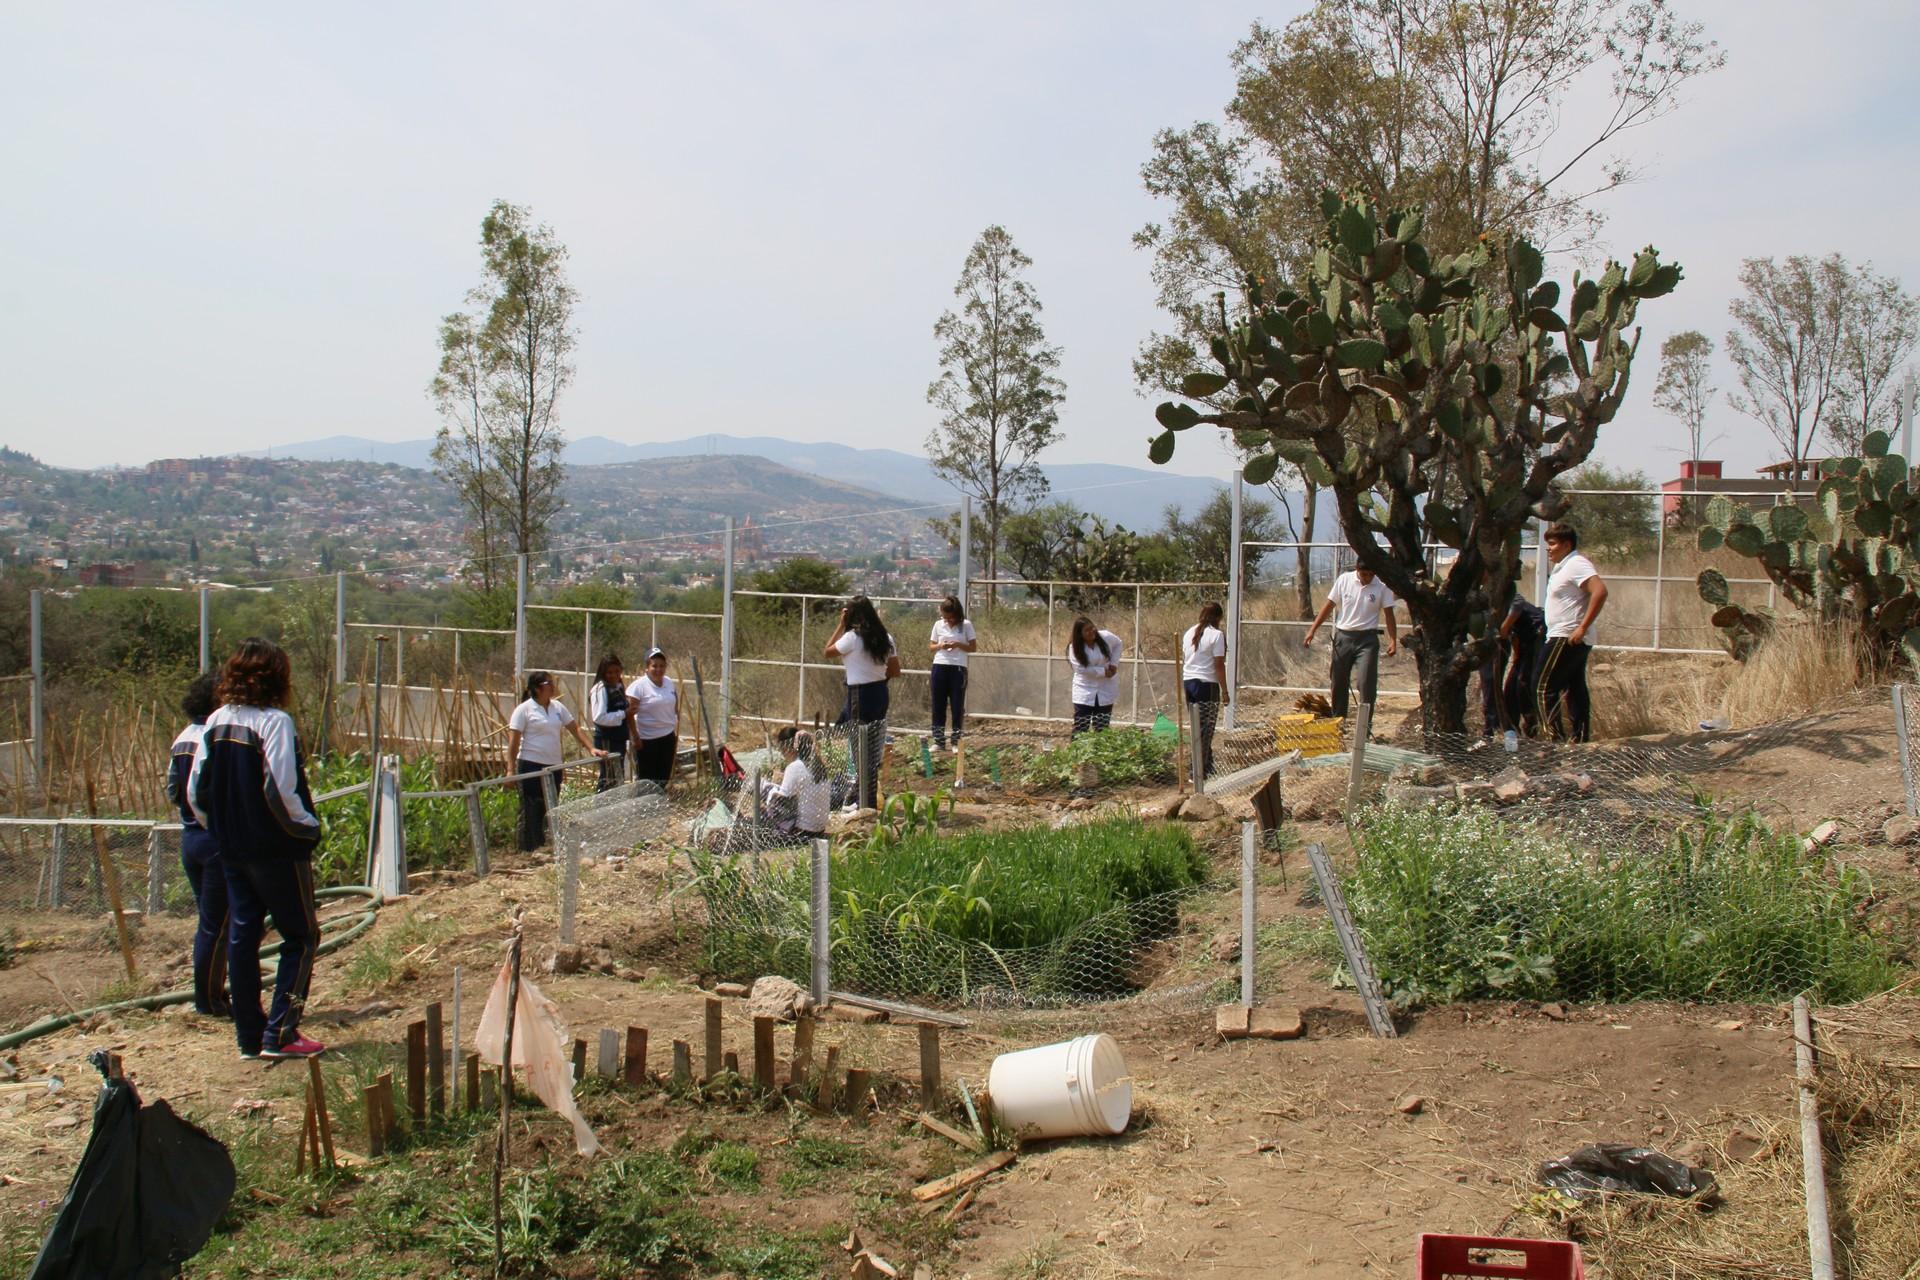 Los estudiantes trabajan en los jardines escolares cercanos.